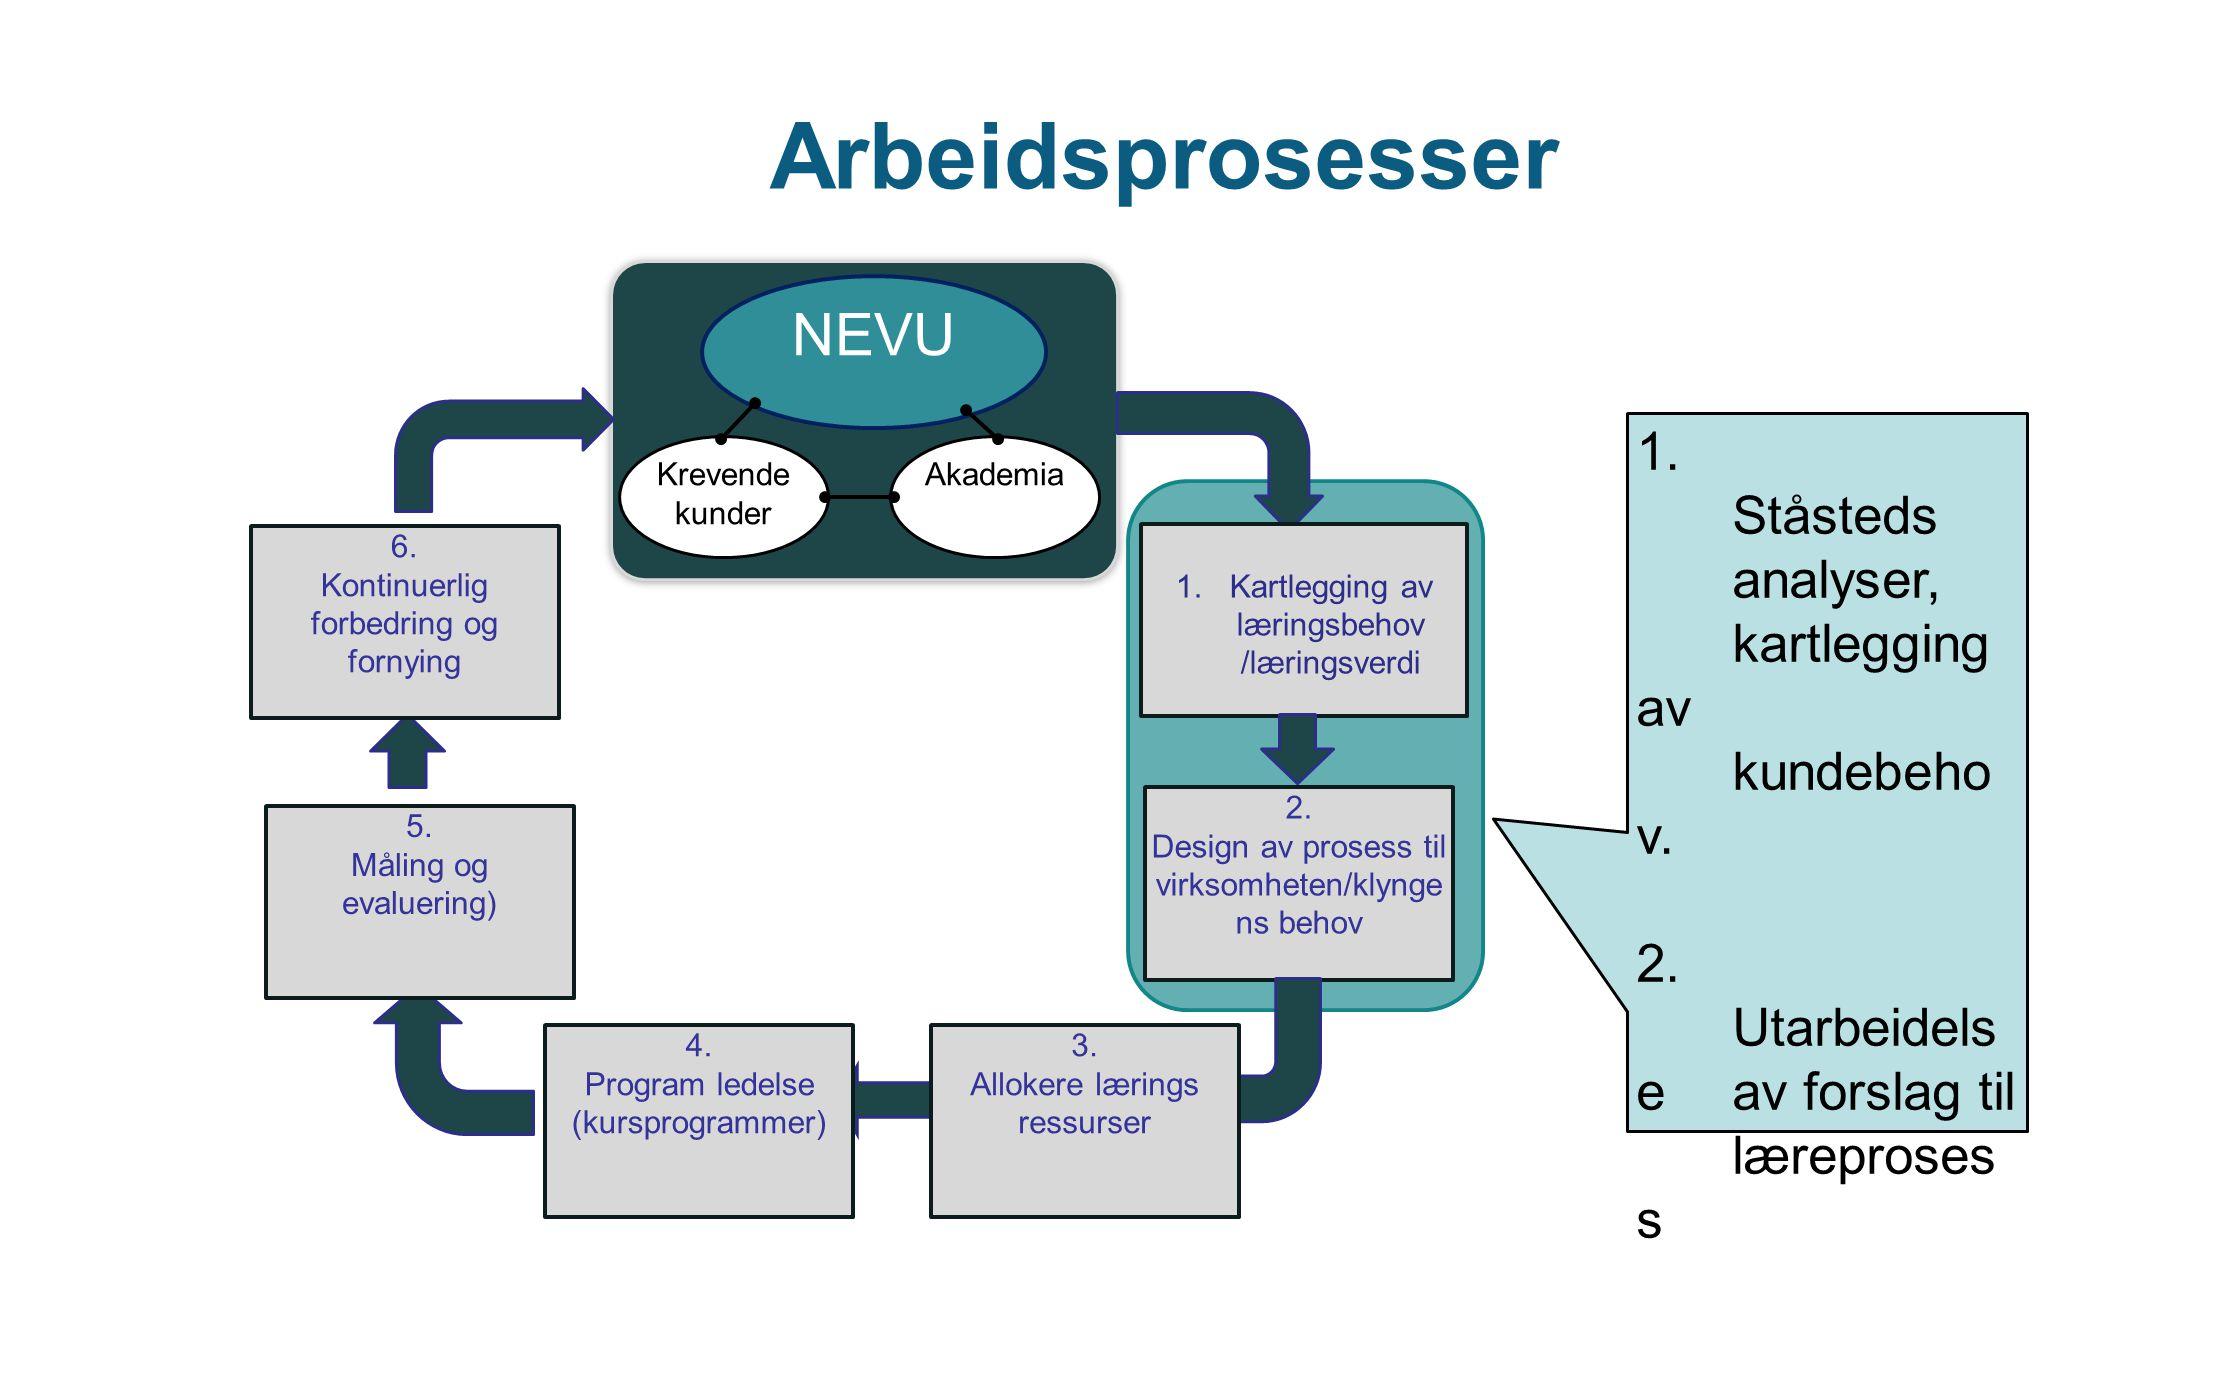 Arbeidsprosesser NEVU Krevende kunder Akademia 1.Kartlegging av læringsbehov /læringsverdi 2. Design av prosess til virksomheten/klynge ns behov 3. Al